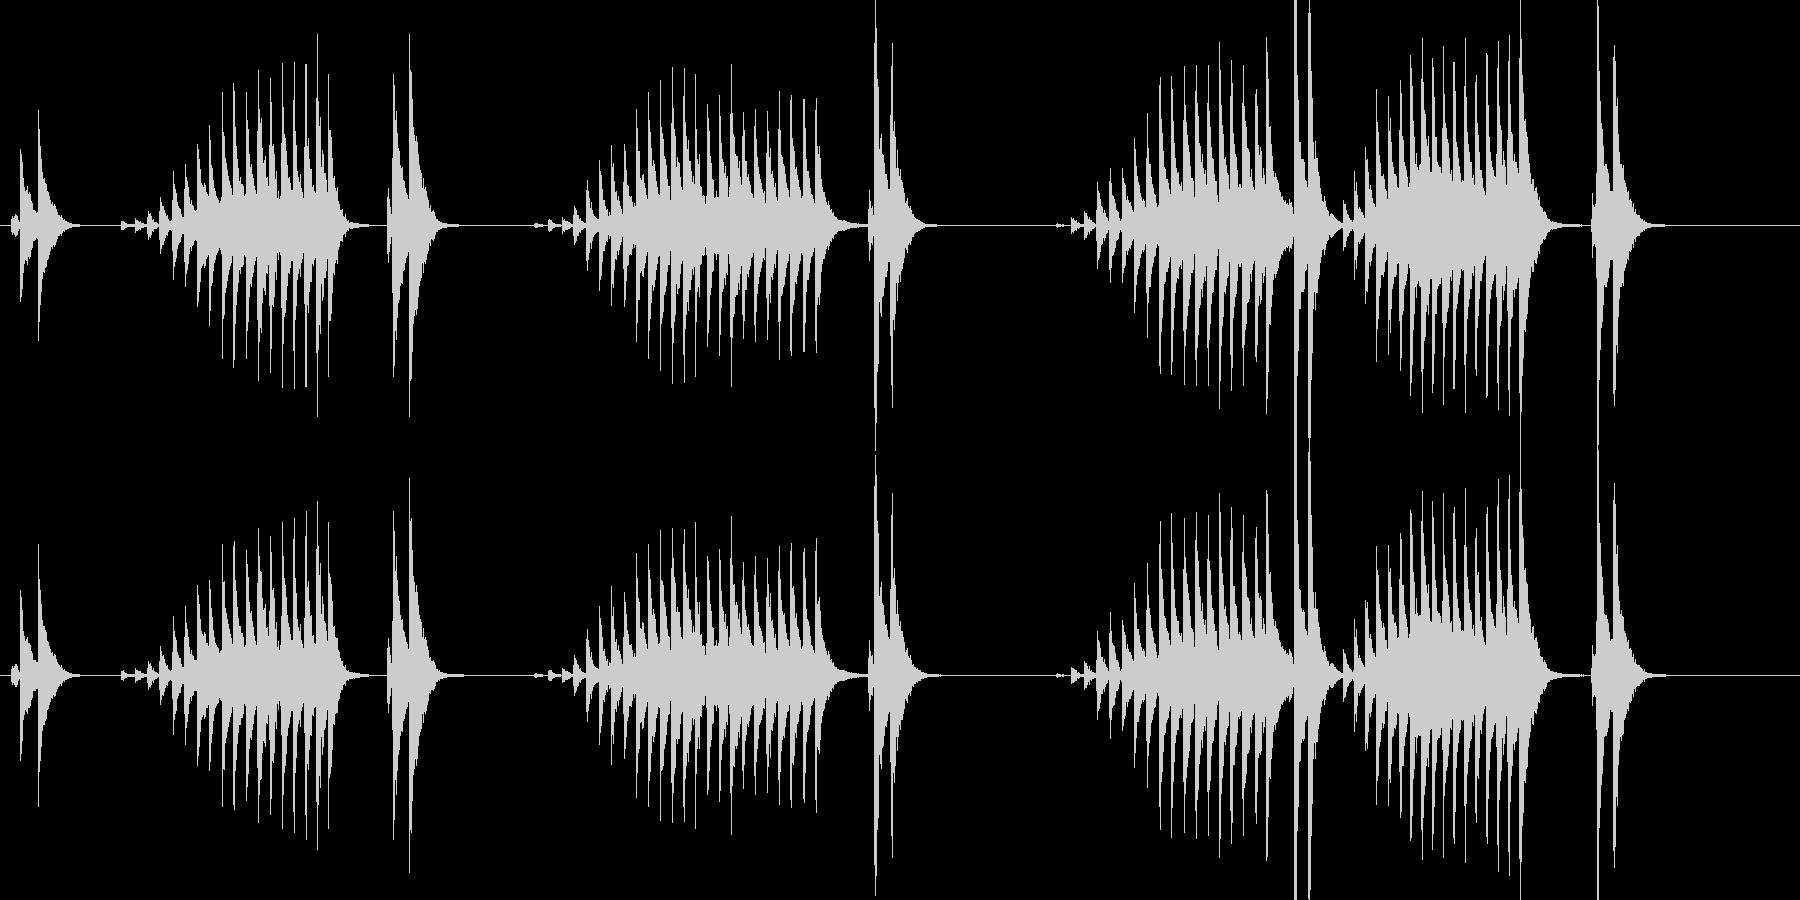 大太鼓18波音歌舞伎情景描写和風和太鼓江の未再生の波形